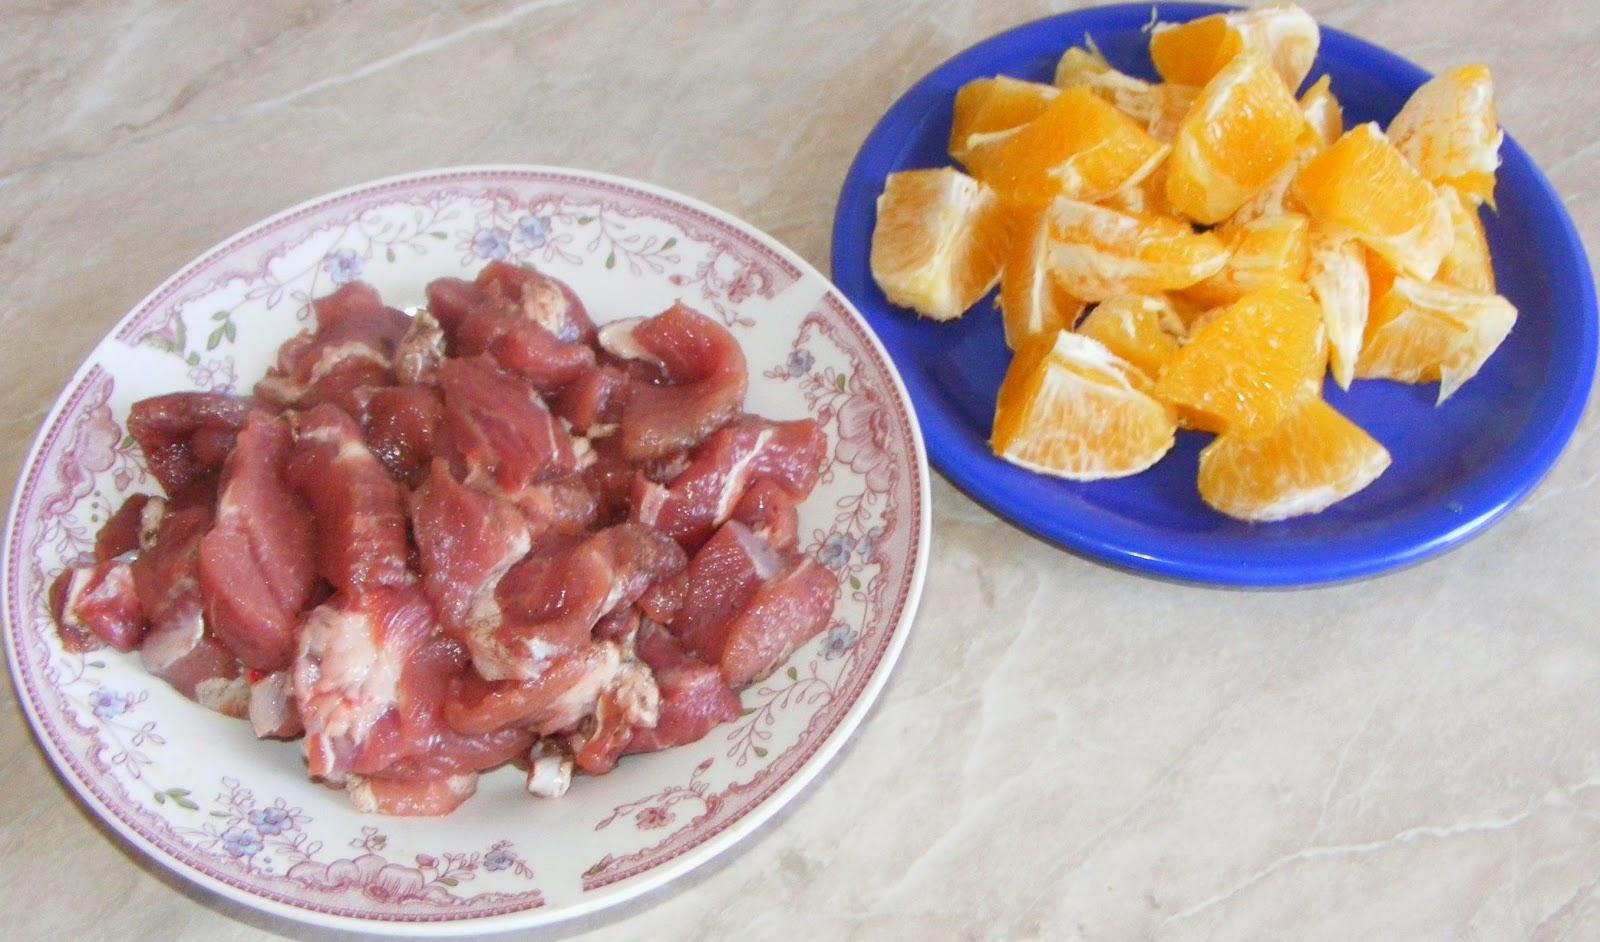 ingrediente frigarui, ingrediente pentru frigarui, cum se prepara frigarui, cum facem frigarui, retete gratar, retete gril, retete culinare, preparate culinare, retete de mancare, ingrediente frigarui de porc cu portocale,